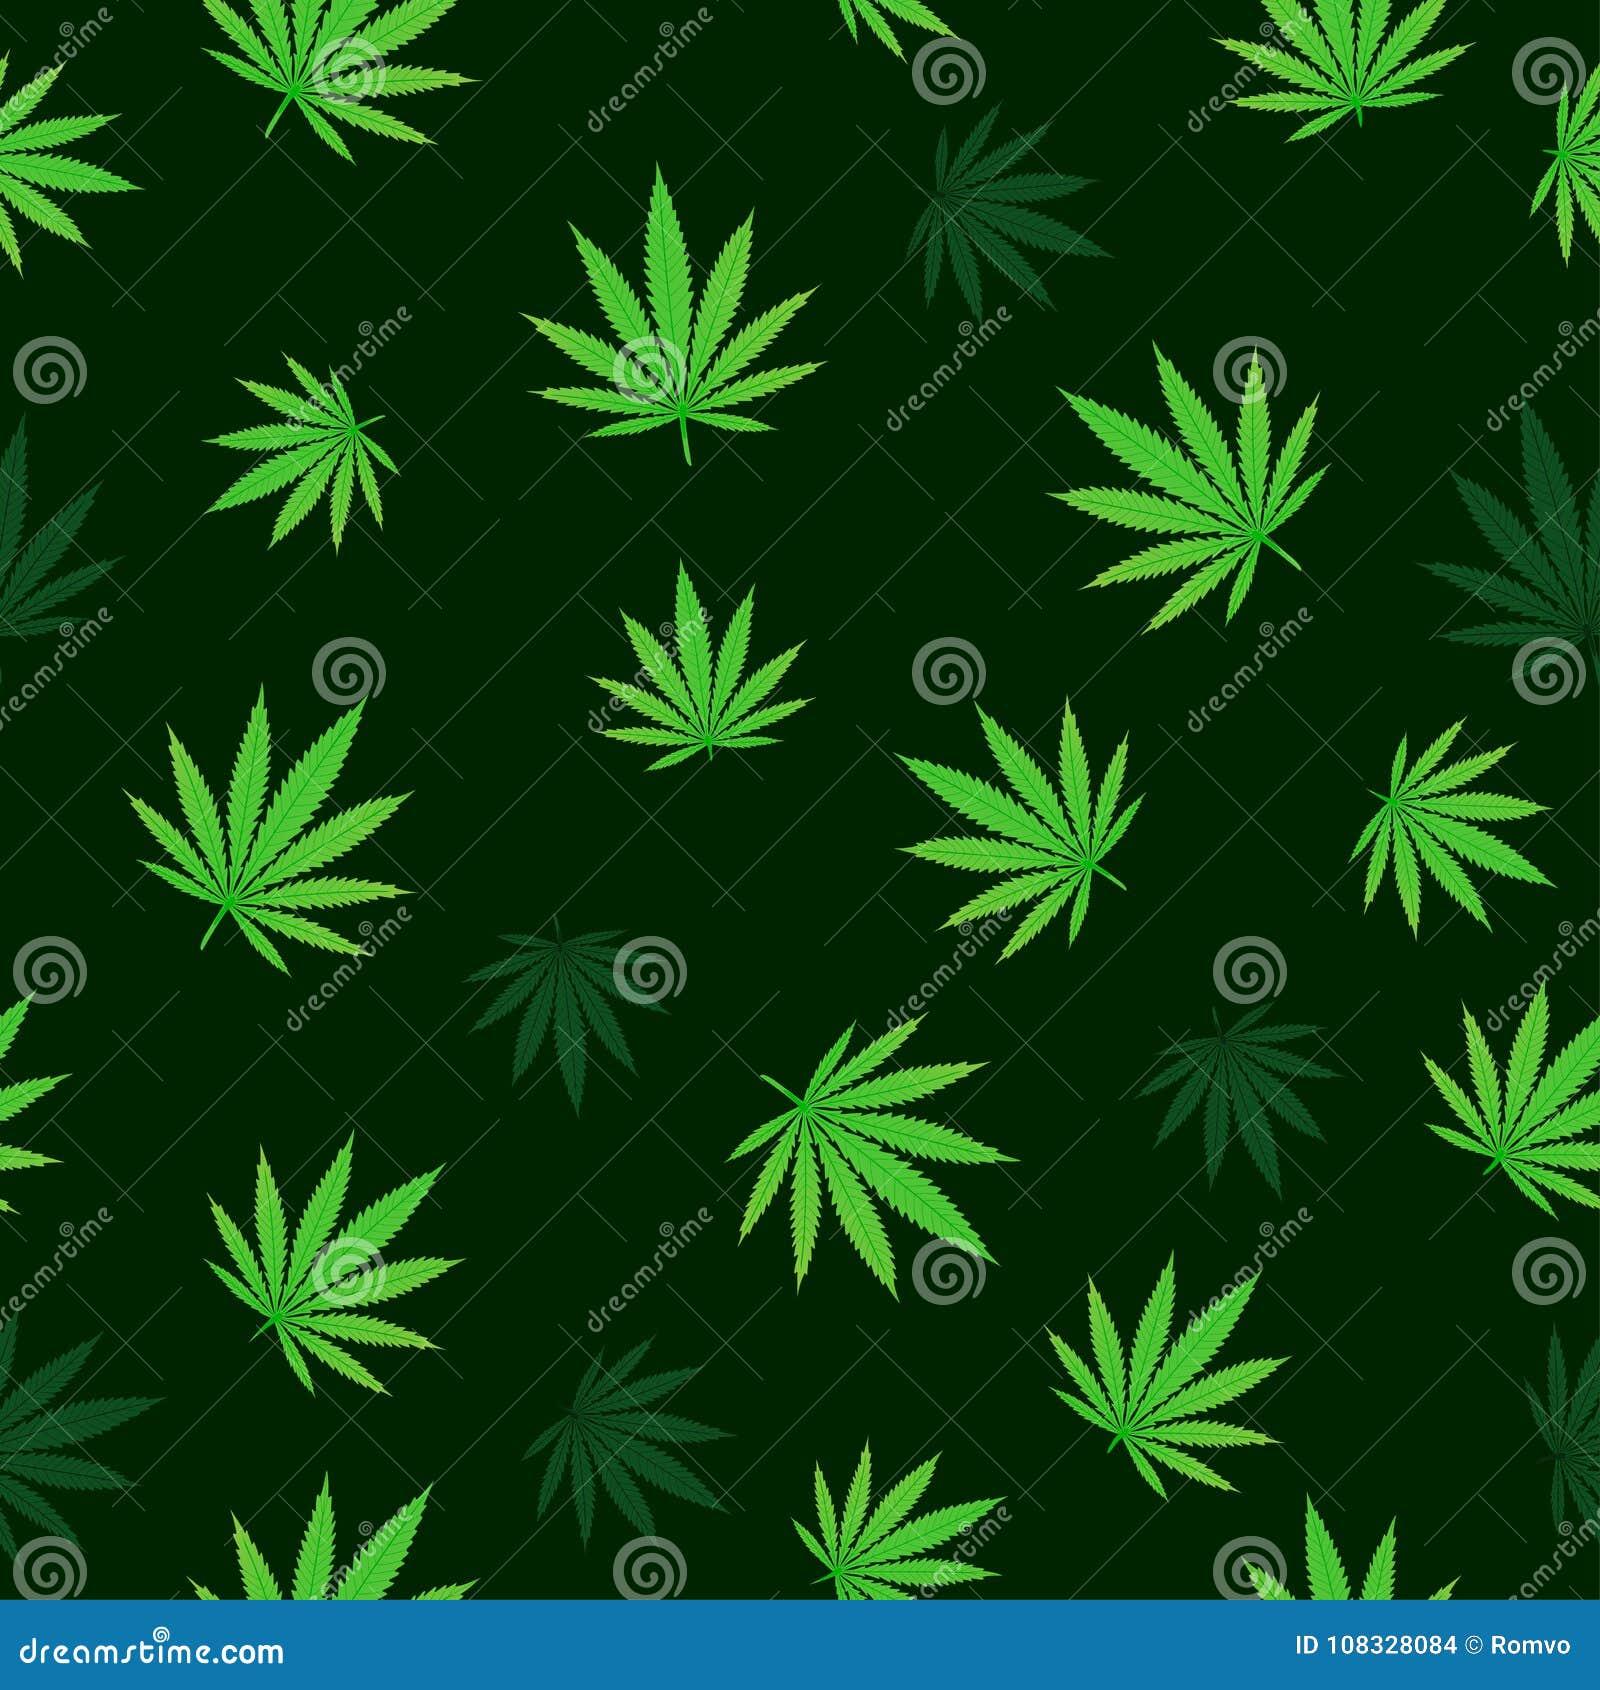 Скачать видео конопля закон легализация марихуаны